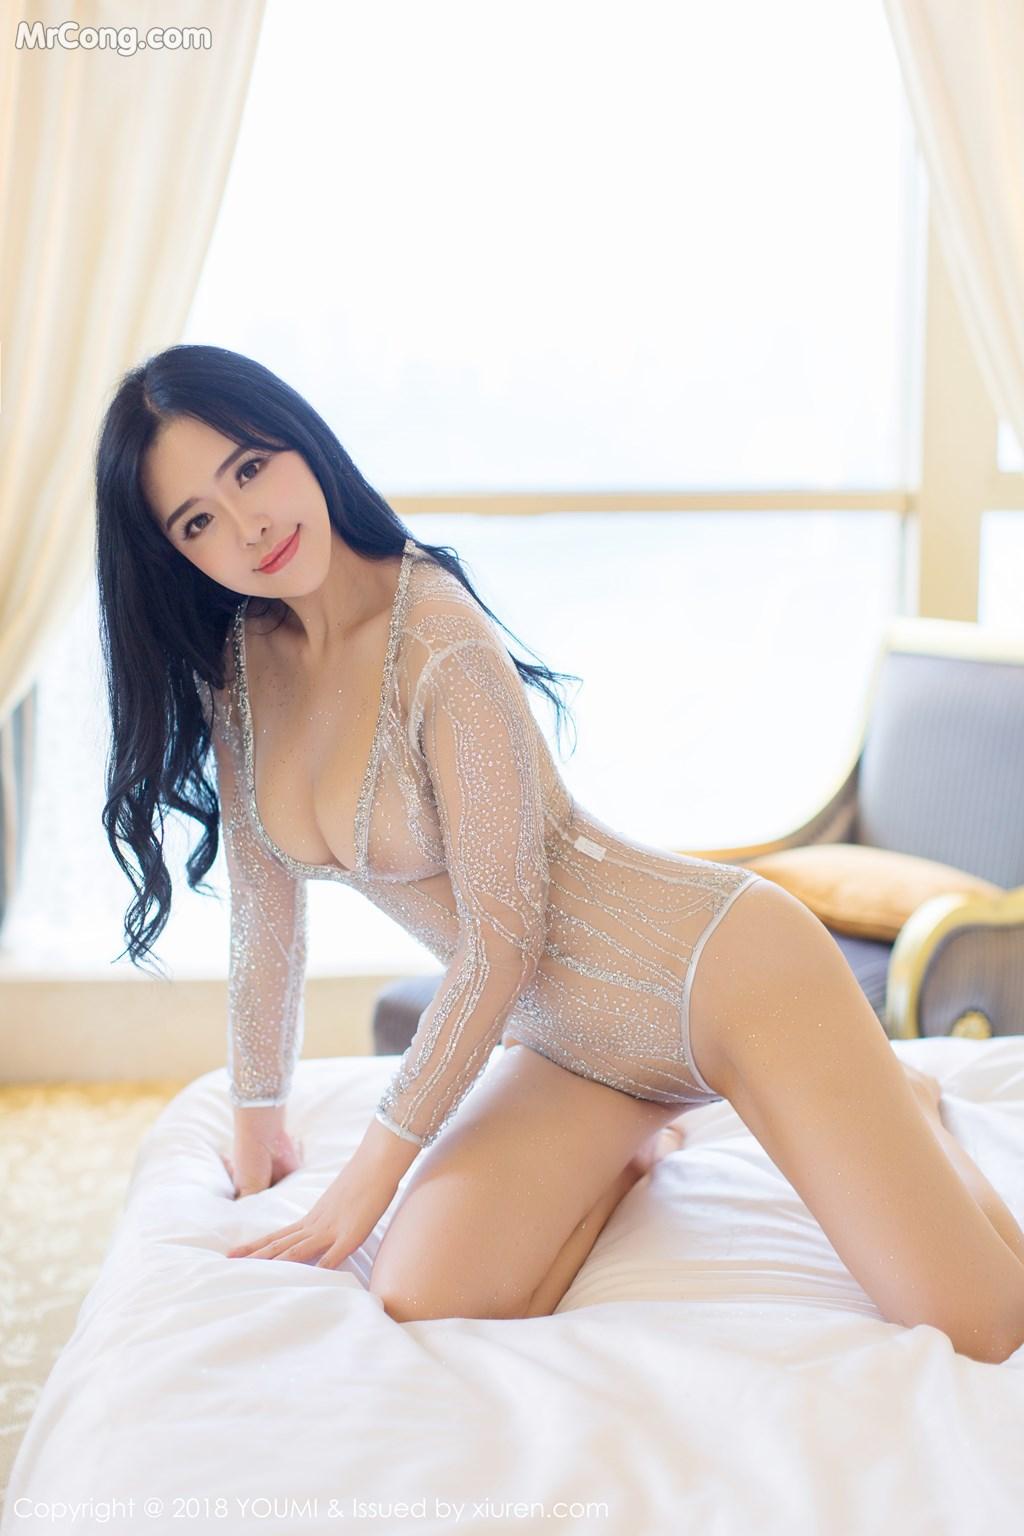 Image YouMi-Vol.124-Liu-Yu-Er-MrCong.com-011 in post YouMi Vol.124: Người mẫu Liu Yu Er (刘钰儿) (41 ảnh)